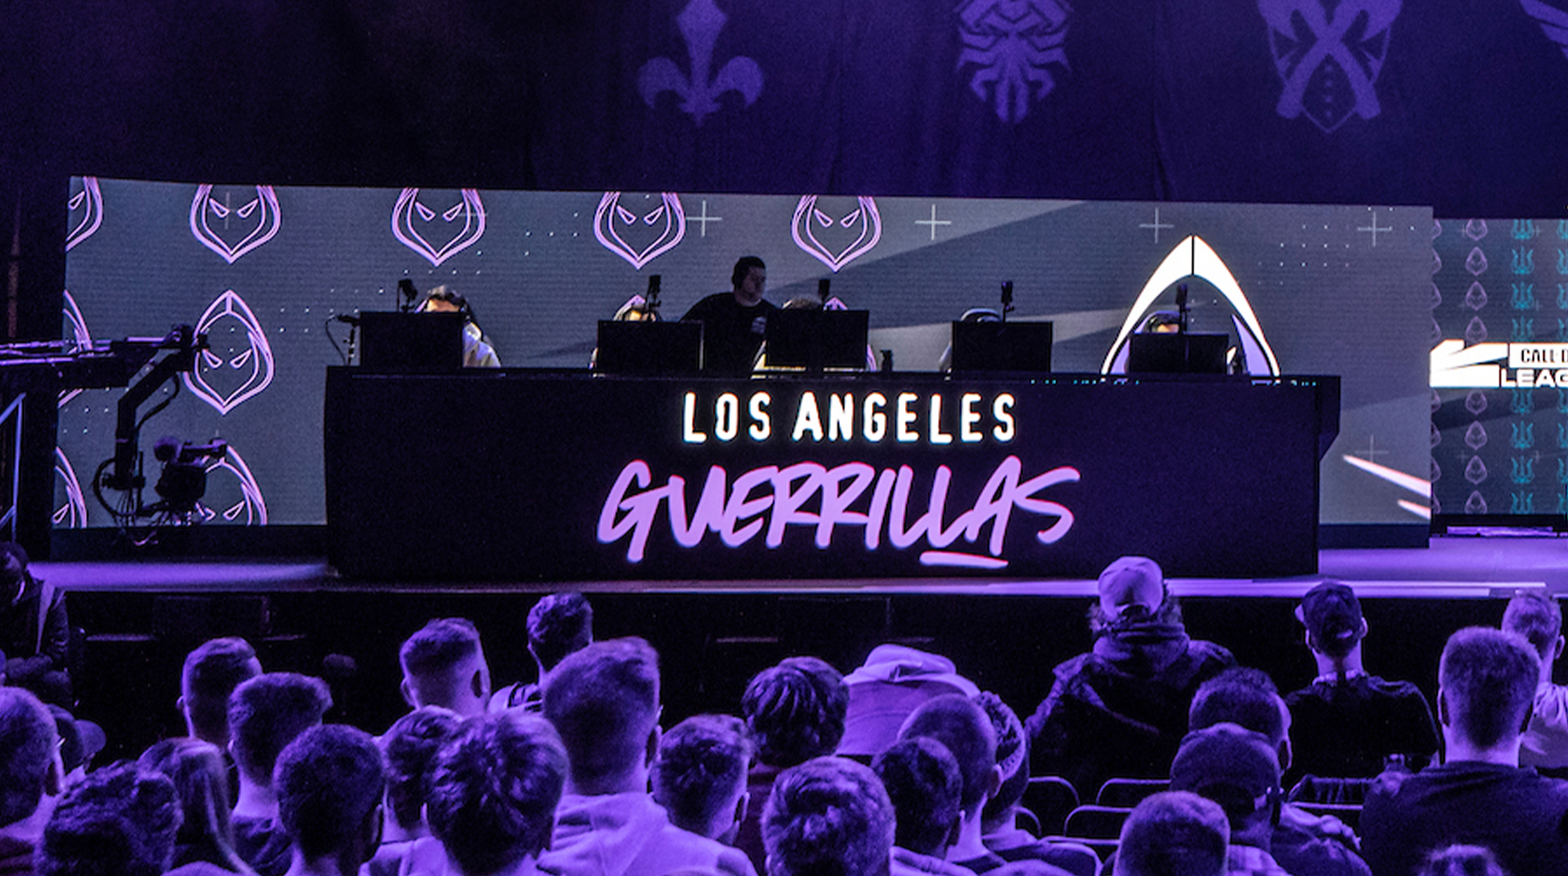 LA Guerrillas on stage